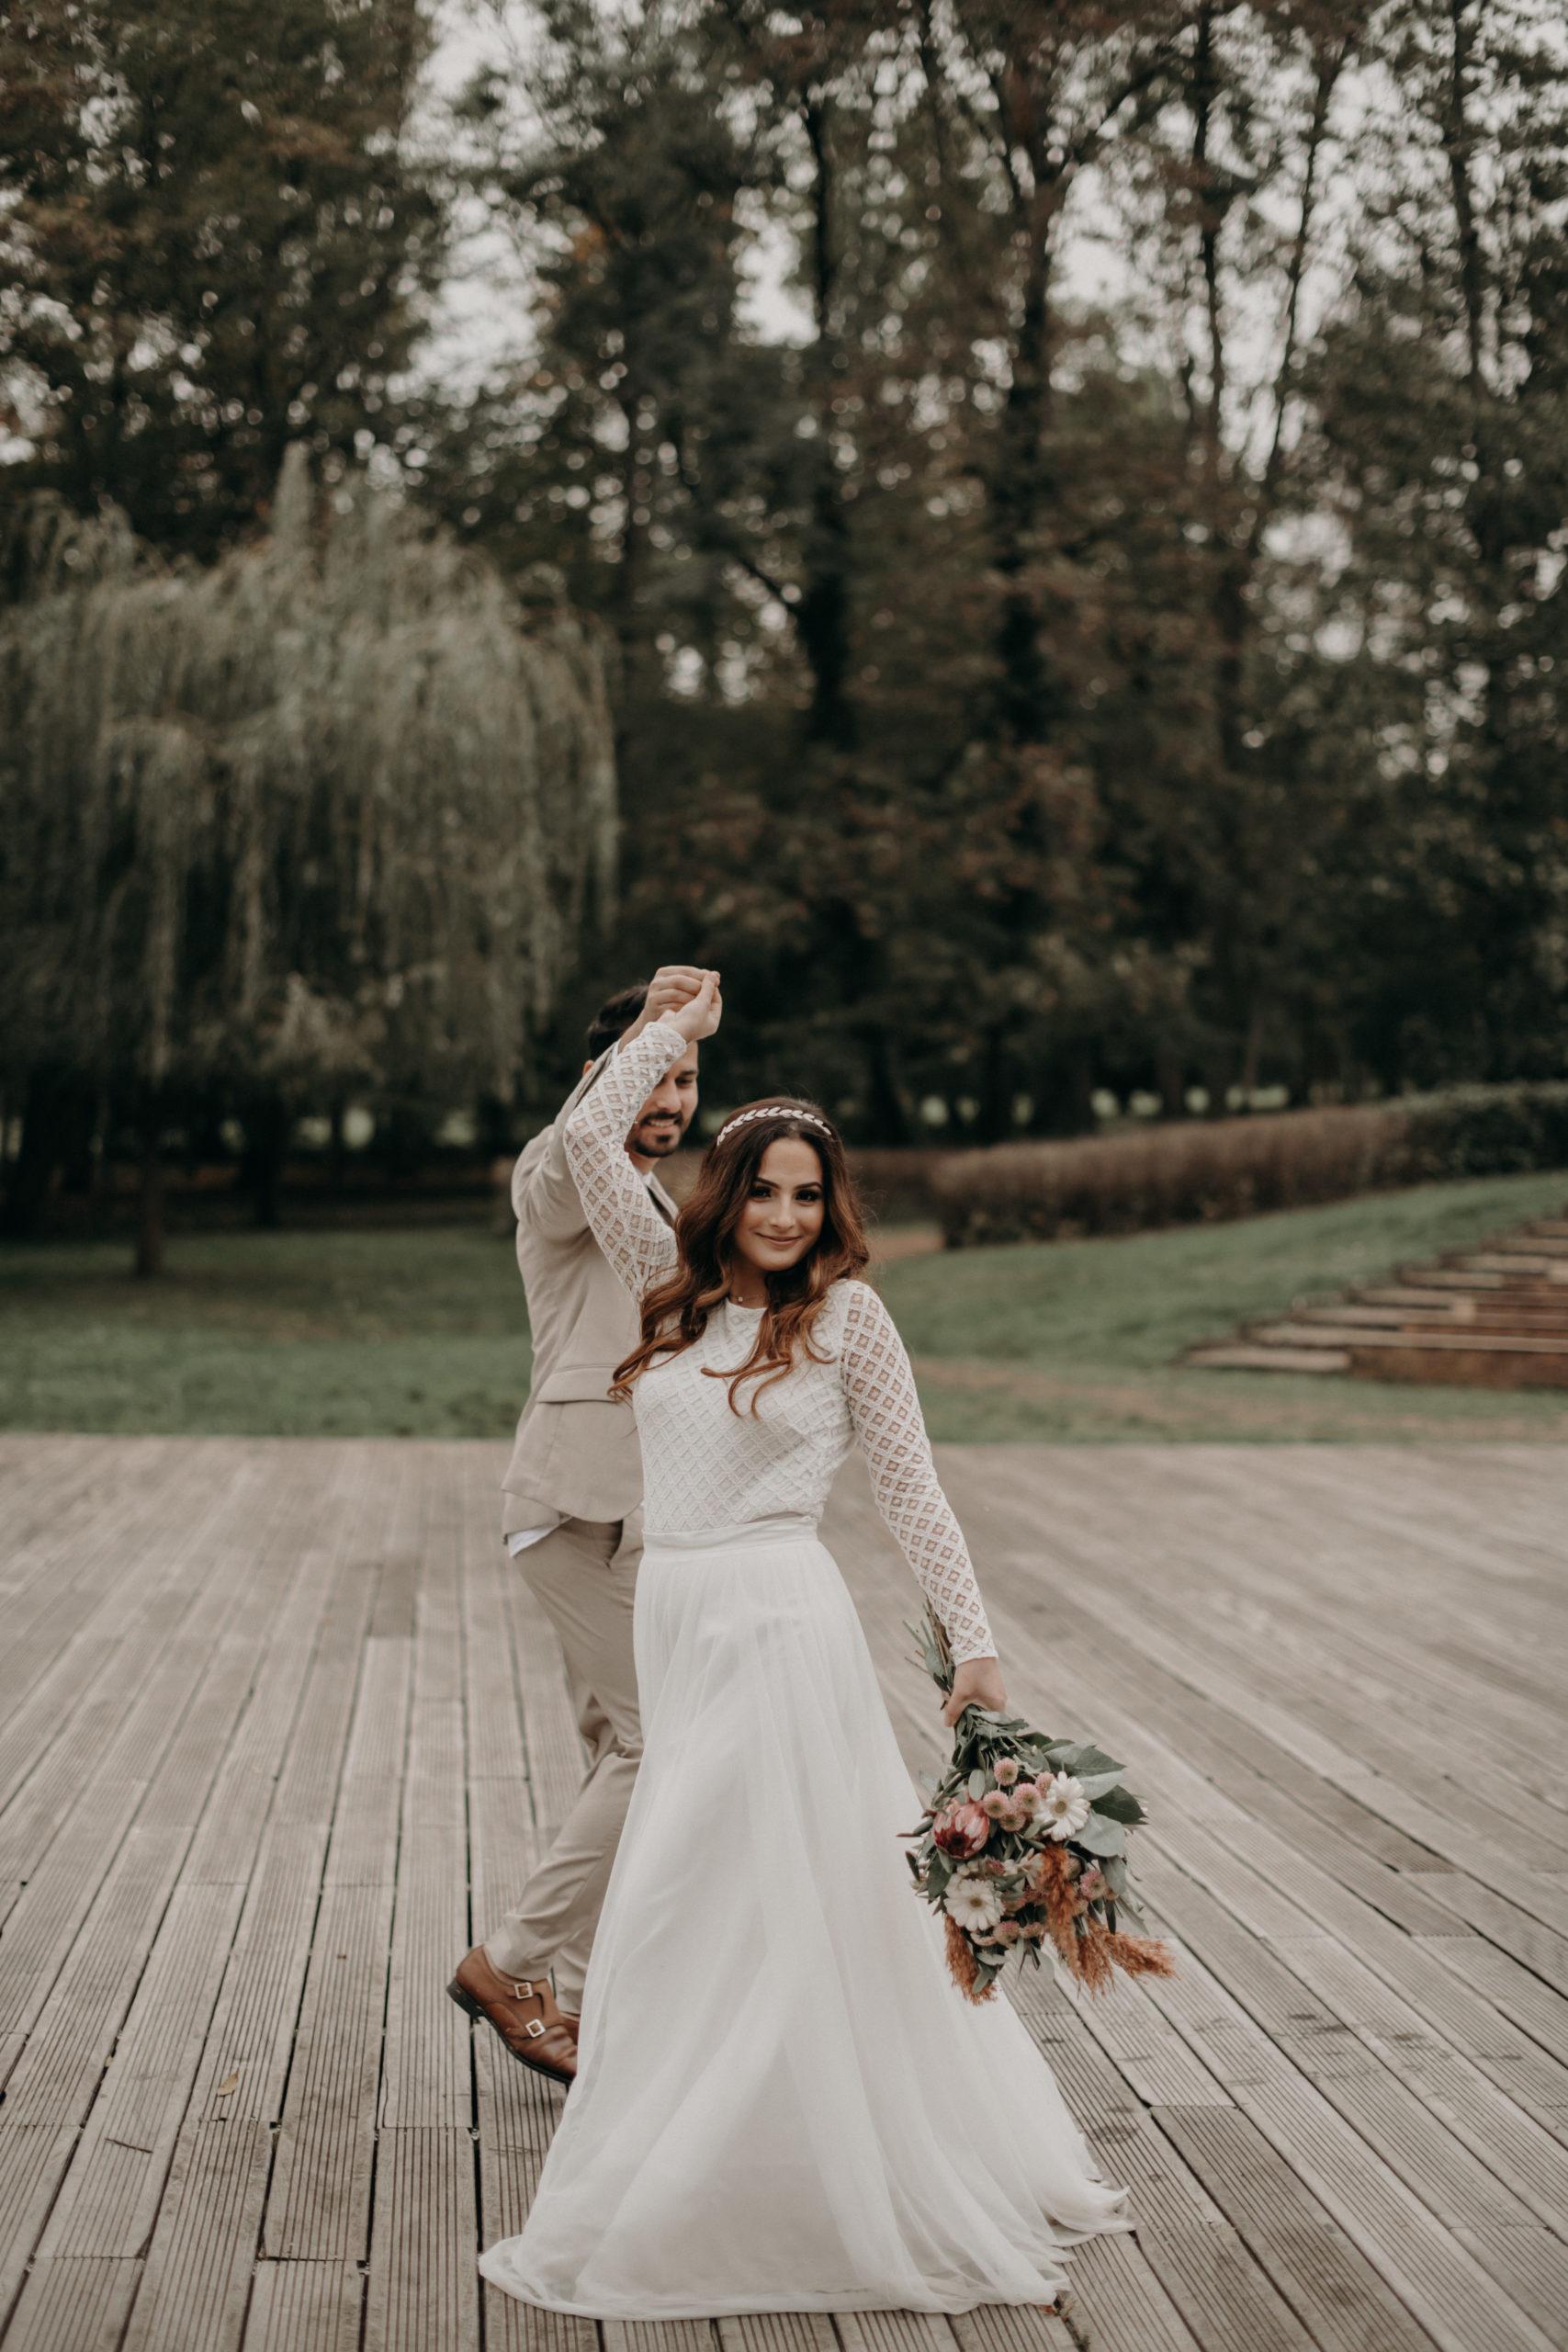 Styled Outdoor-Shoot mit Modelpärchen. Braut mit langärmeligem Top aus geometrischer Spitze und langem weißem Rock, korallenfarbigem Brautstrauss und Tiara. Bräutigam-Model mit hellem Anzug und Henley Shirt, tanzend auf Holz-Veranda